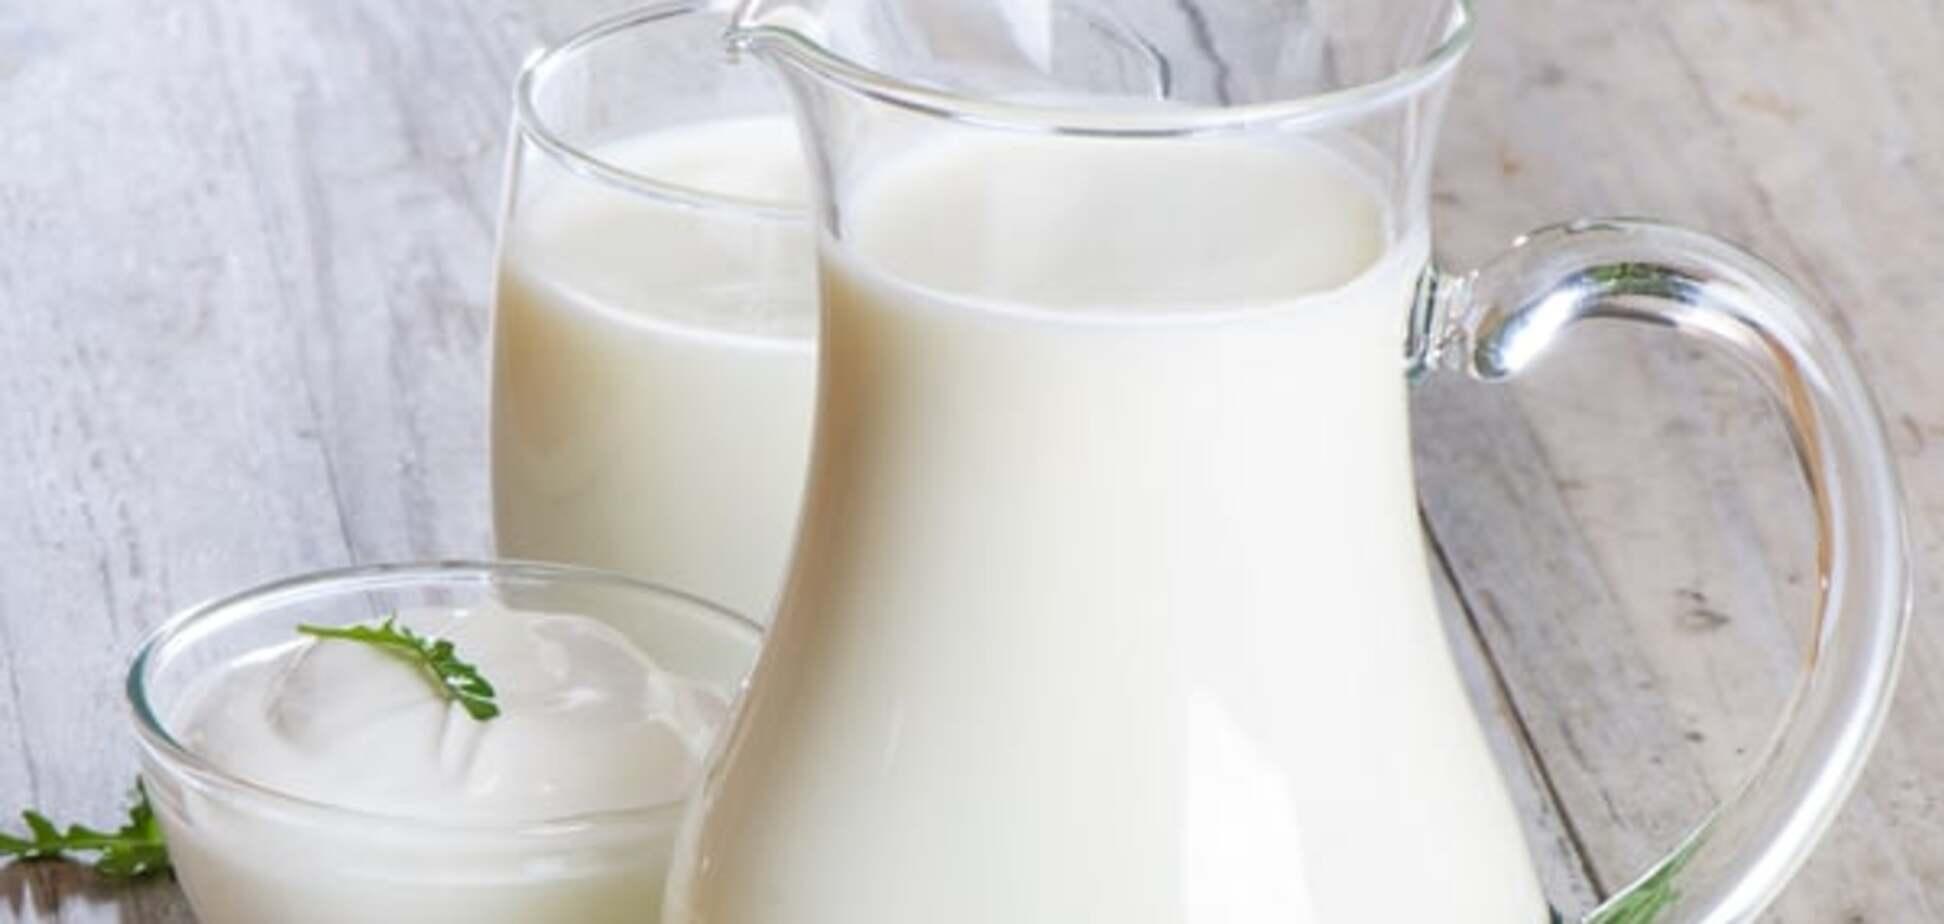 Украинцев снова ждет подорожание 'молочки' — эксперт